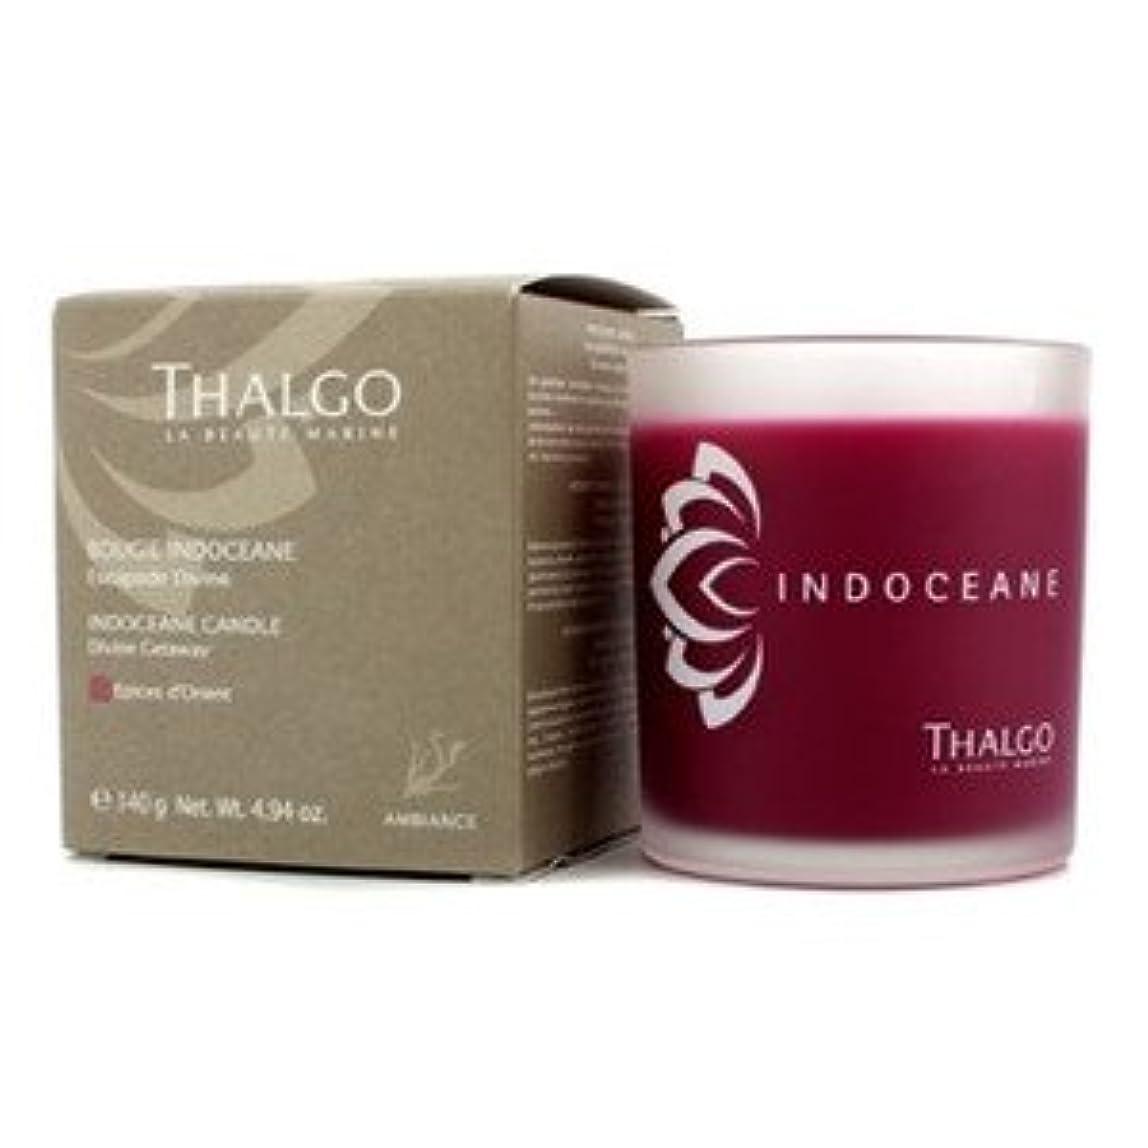 入口達成する才能THALGO(タルゴ) インドーシャン キャンドル 140g/4.94oz [並行輸入品]